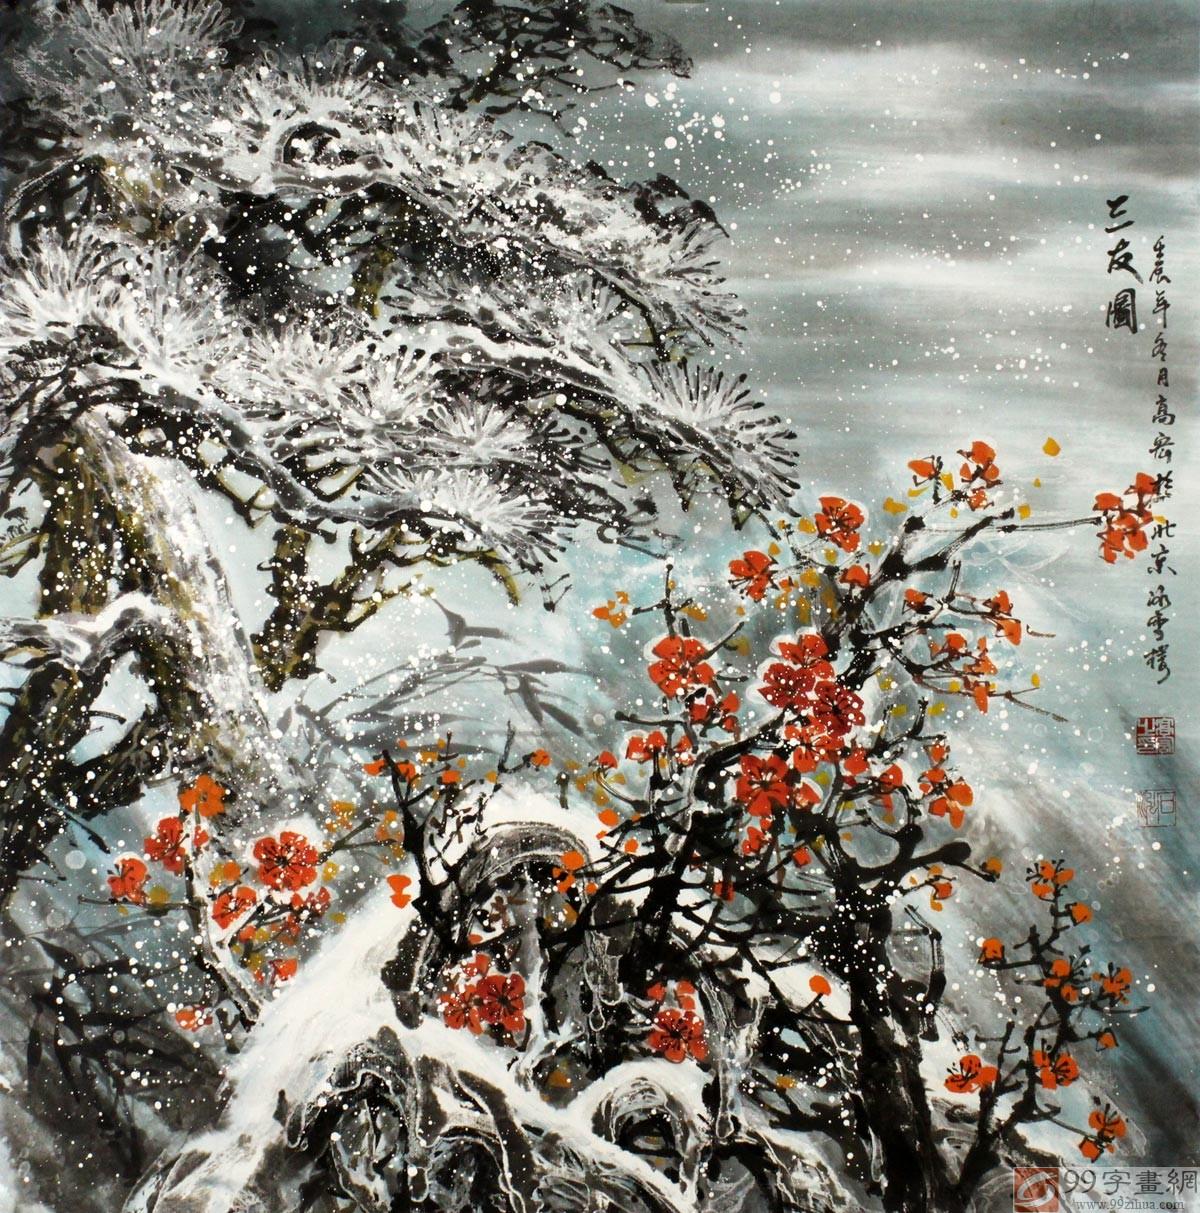 """画作中郁郁葱葱的松树诉说着:""""大雪压青松,青松挺且直,要知松高洁"""